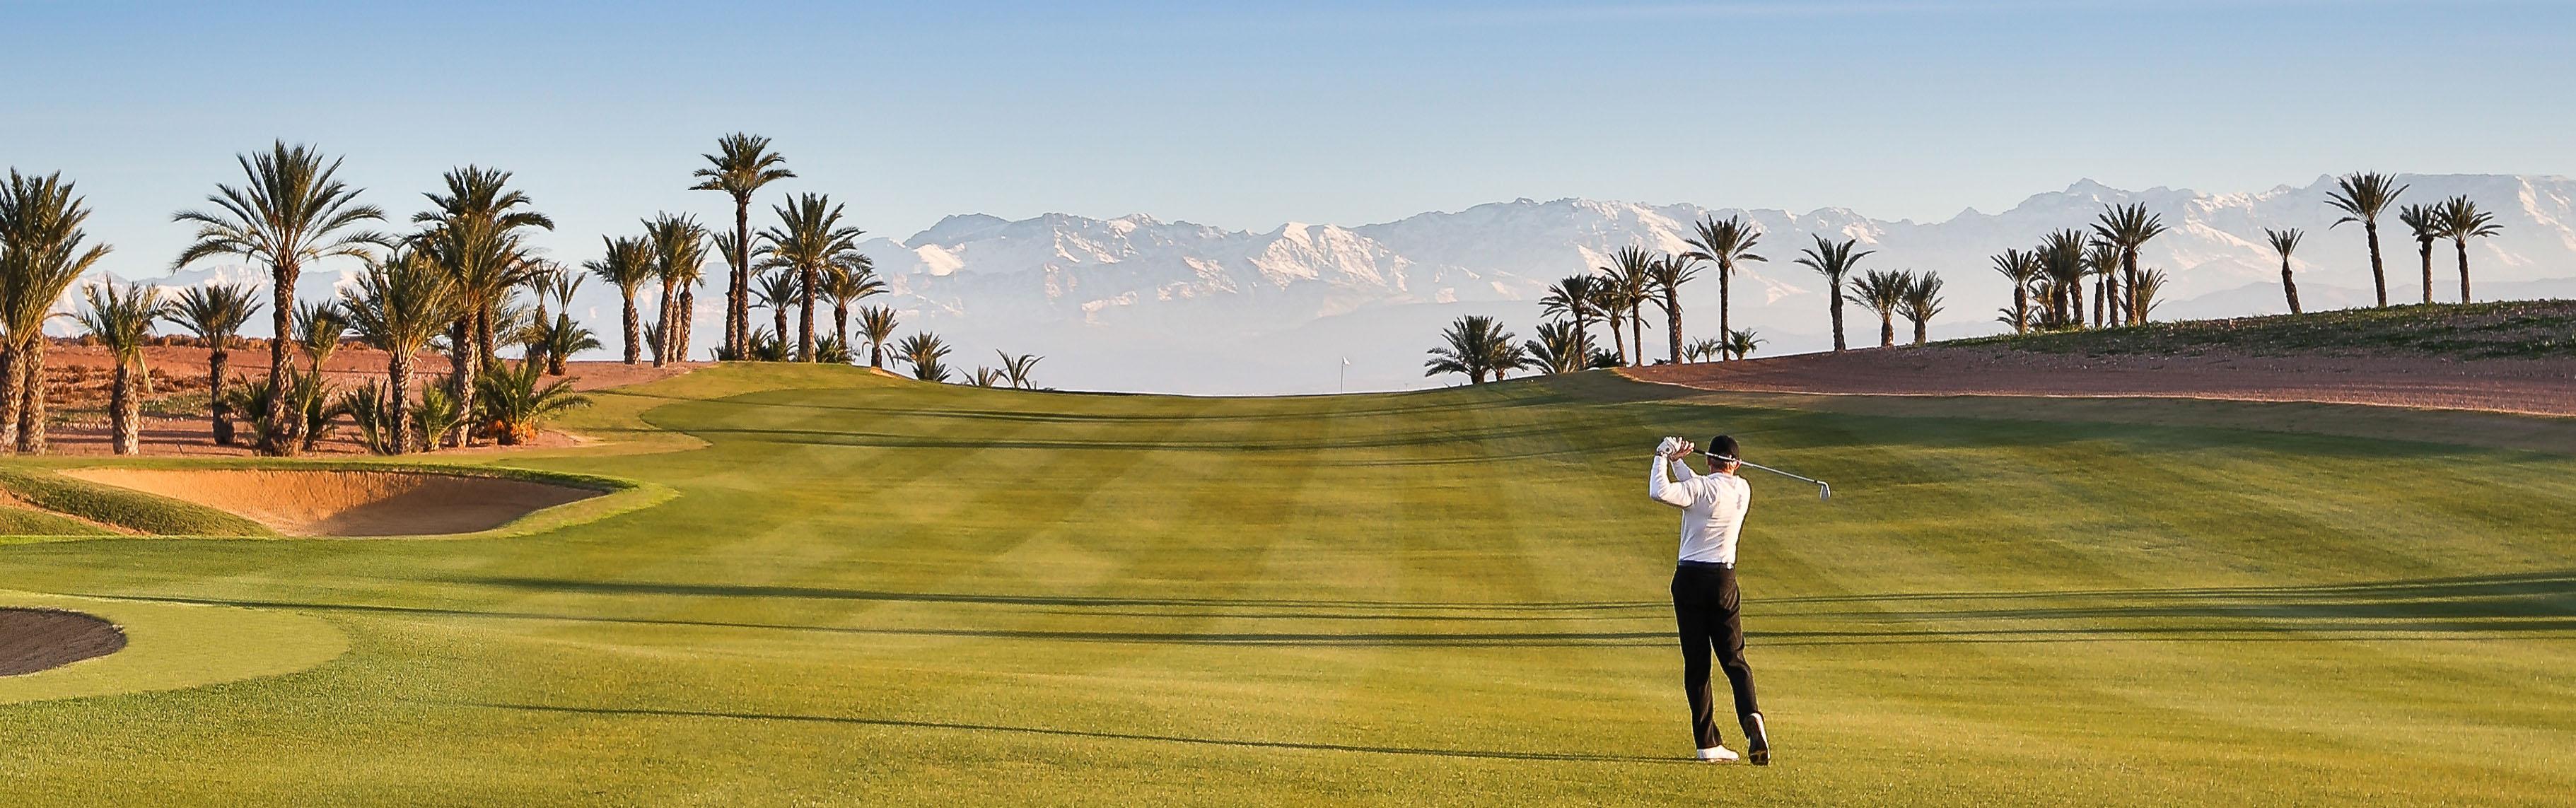 Golf in Marrakech